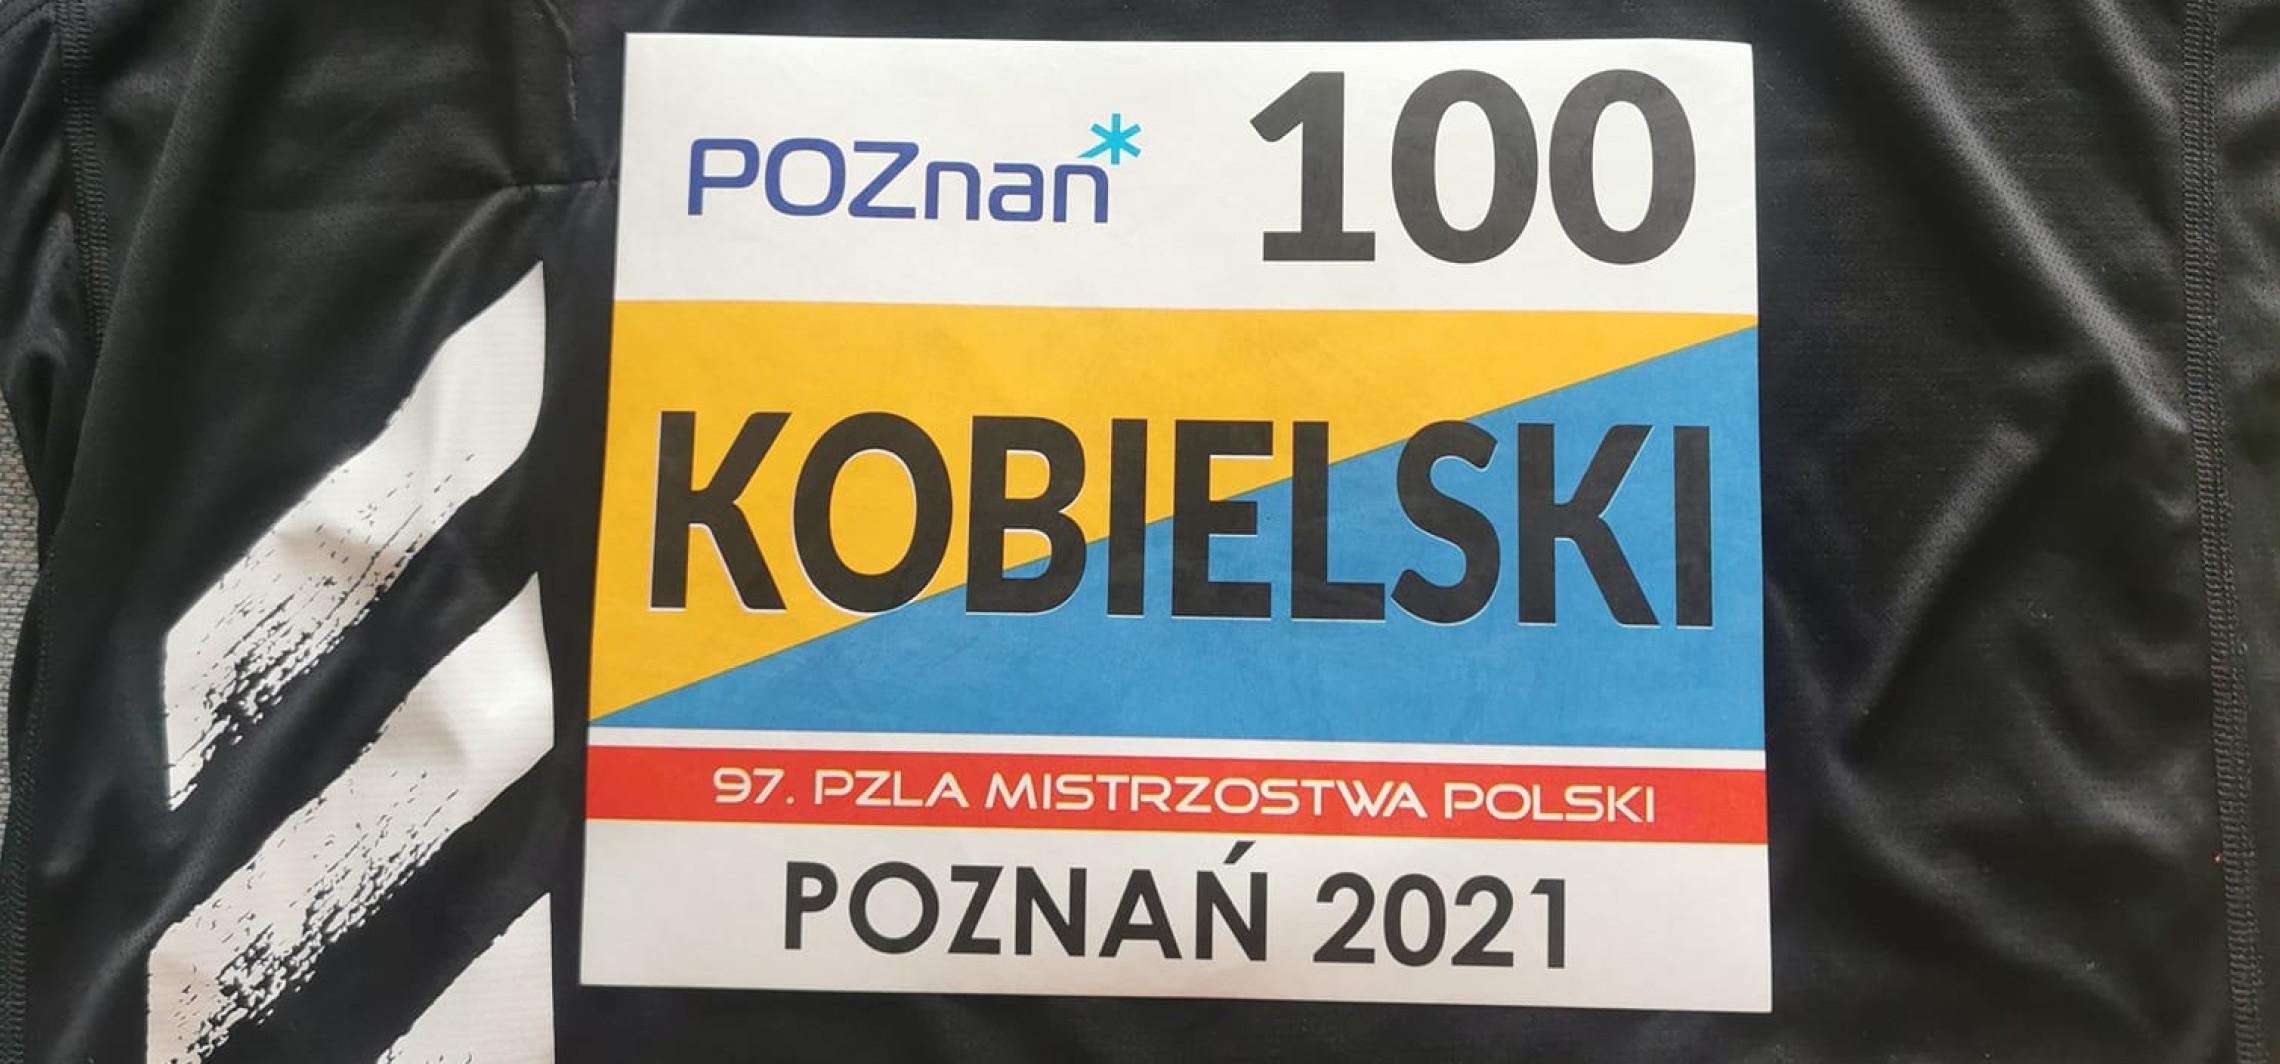 Inowrocław - Inowrocławianin startuje dziś w mistrzostwach Polski